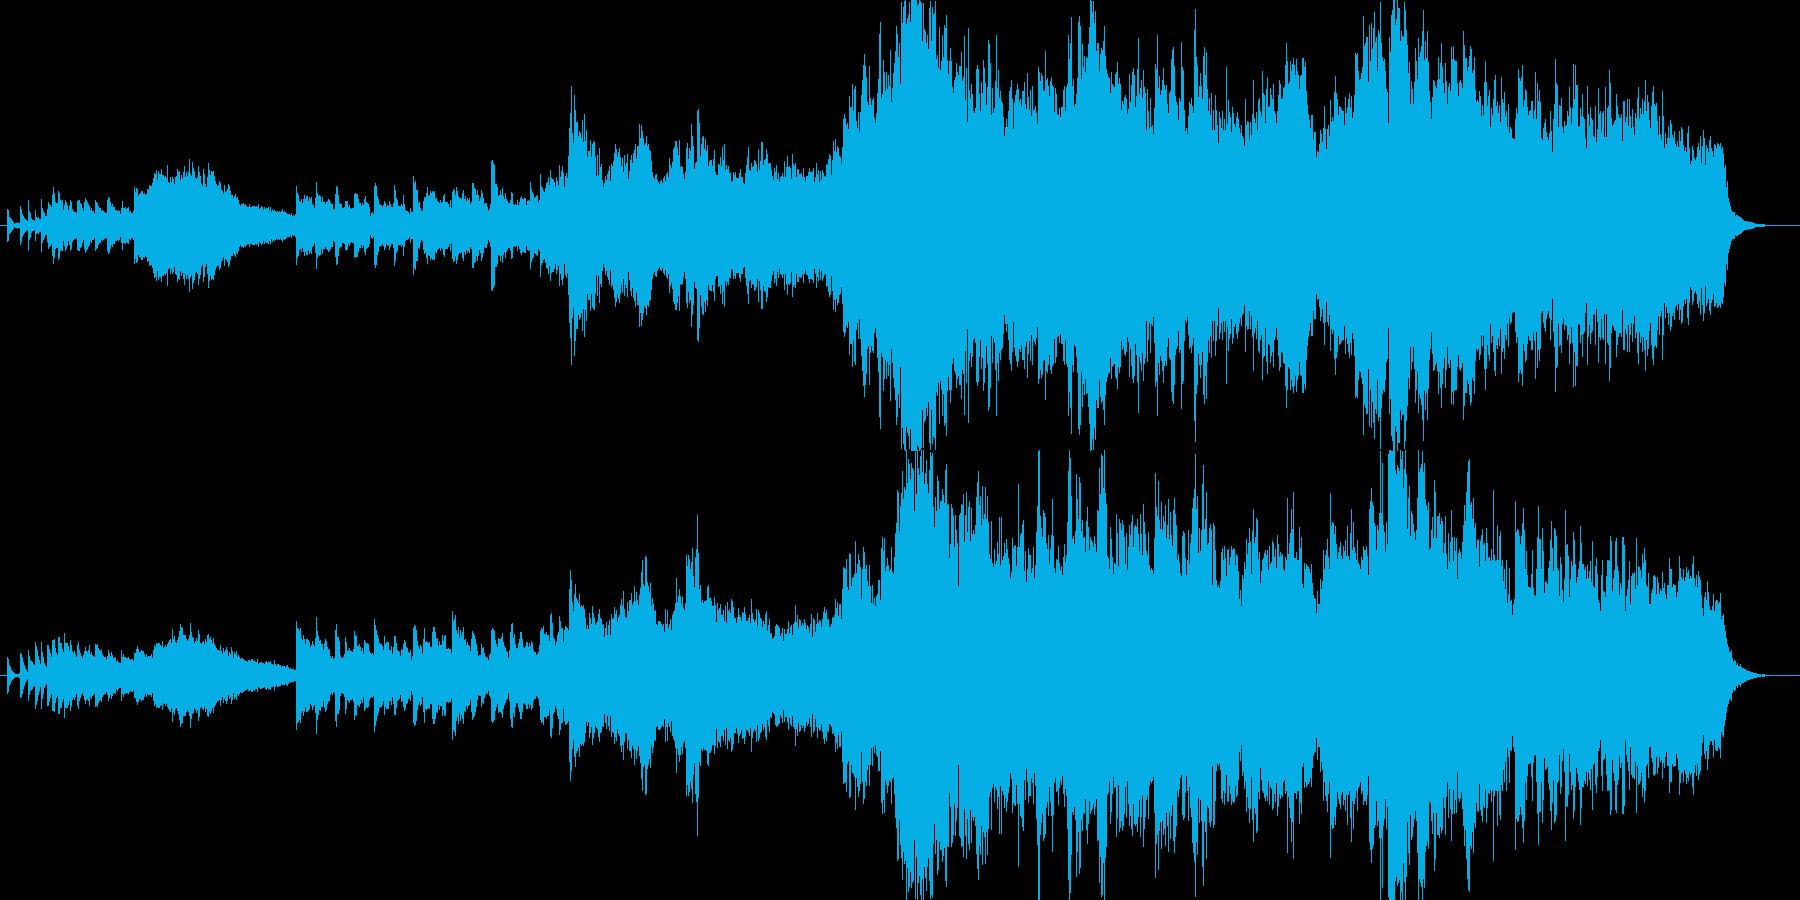 エレガントな雰囲気のオーケストラバラードの再生済みの波形